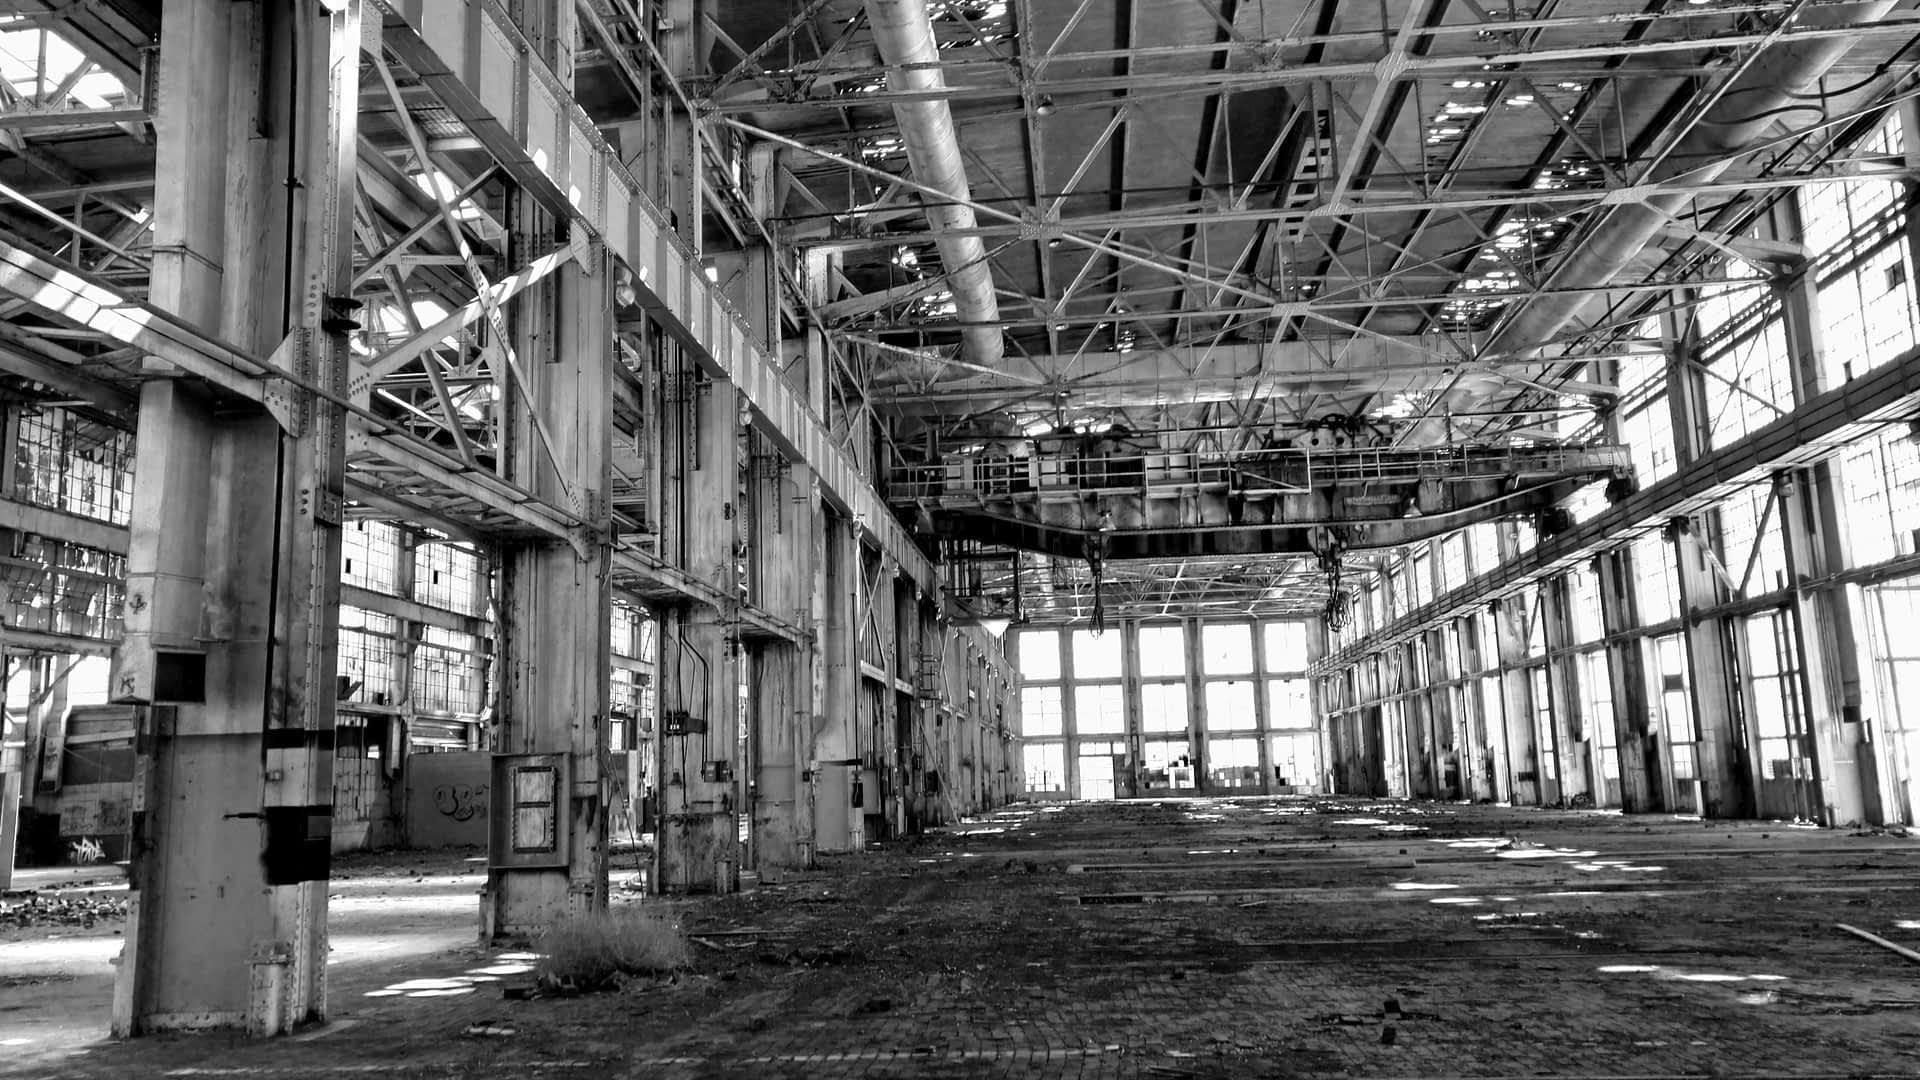 Rail Yard – Infrared